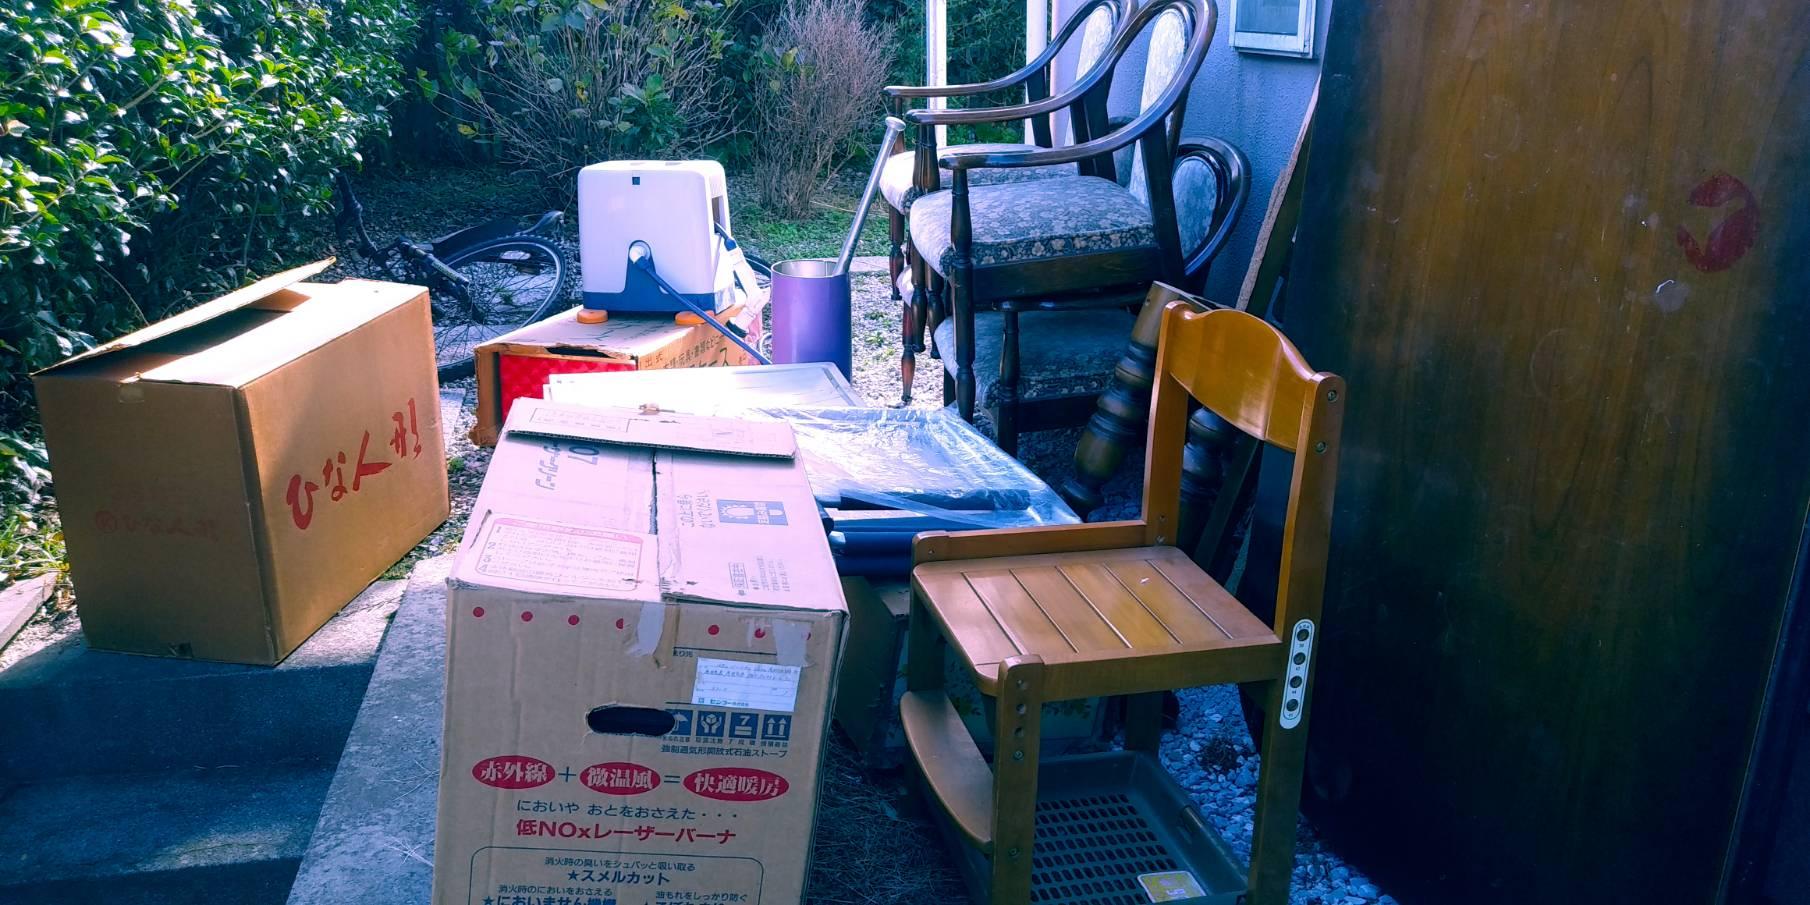 洗浄機、椅子、その他不用品の回収前